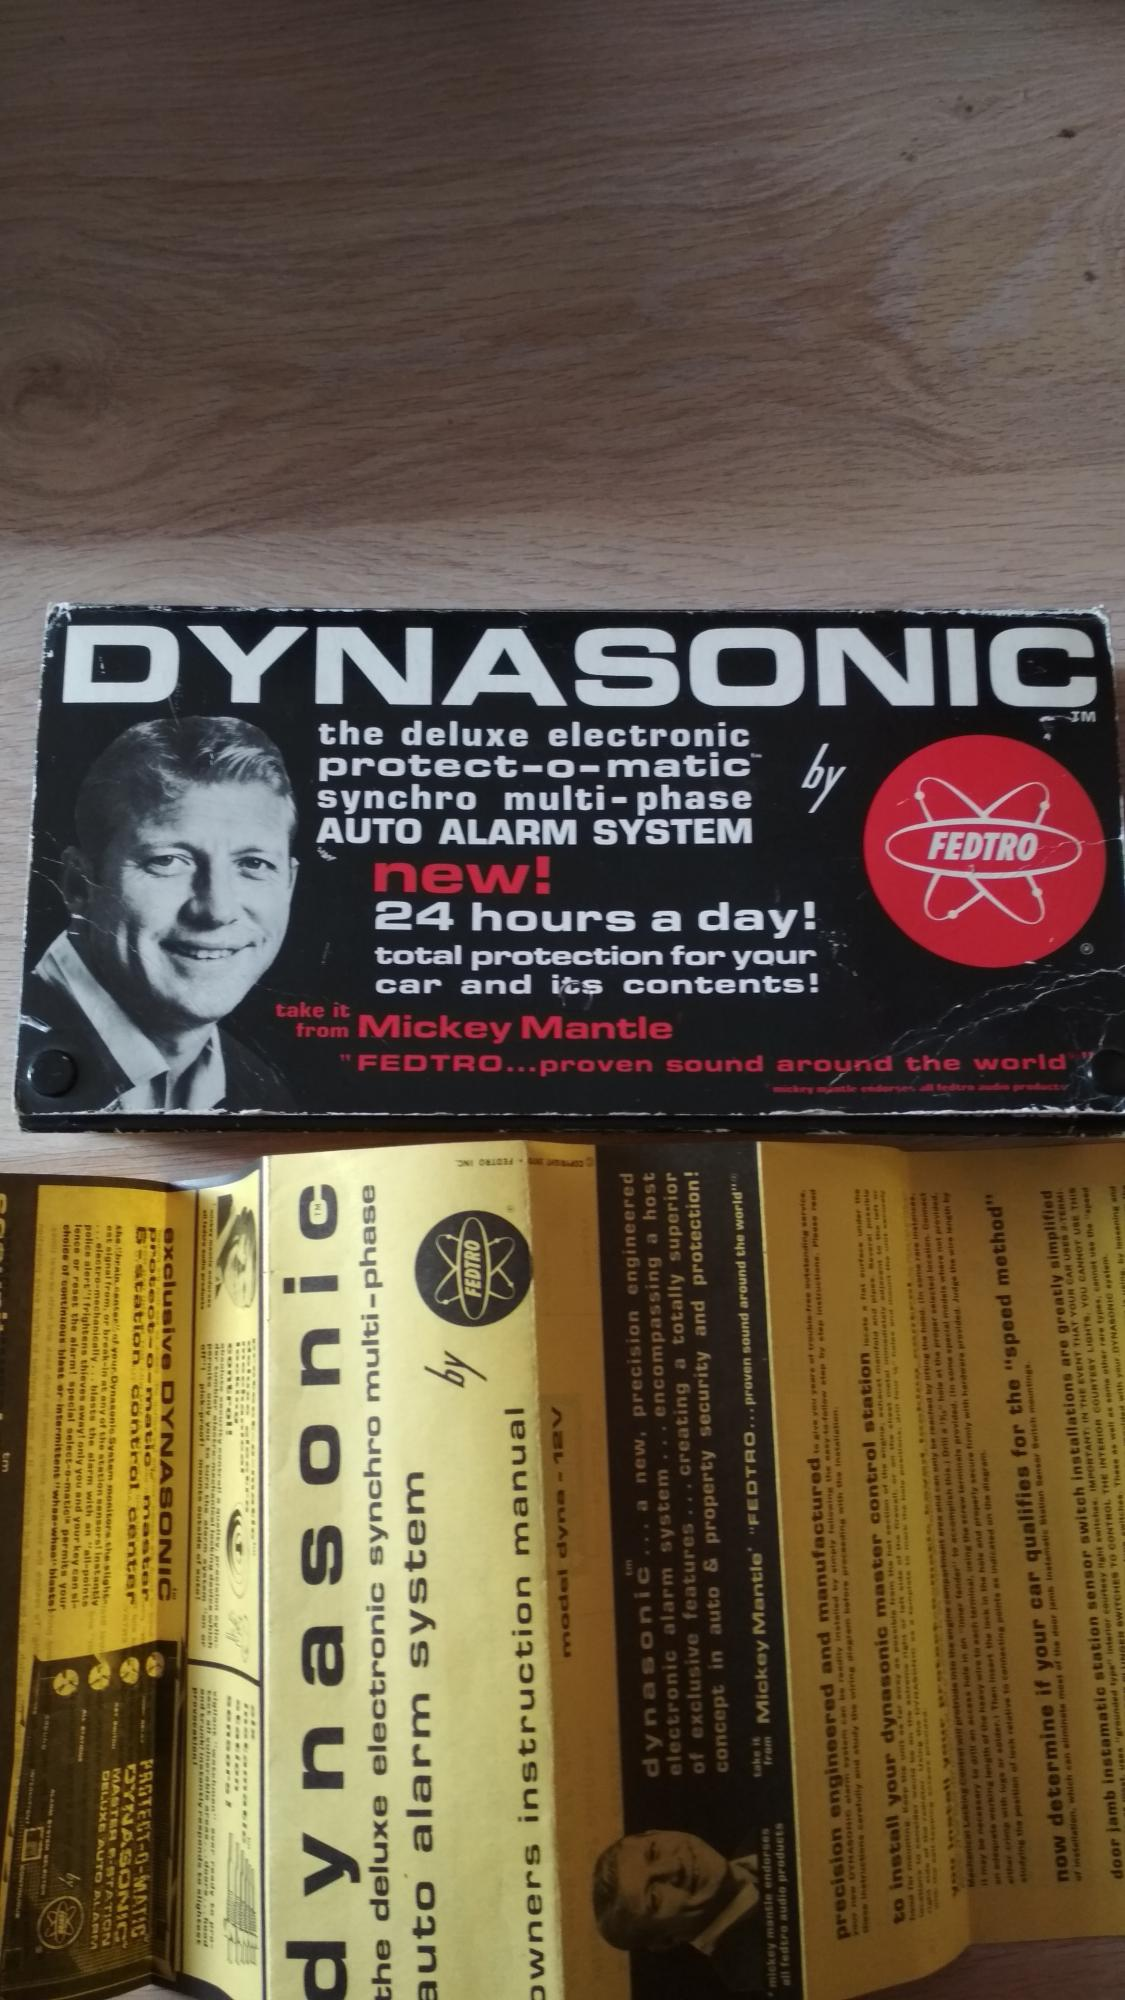 Автосигнализация Dynasonic Япония в Москве 89057945471 купить 2